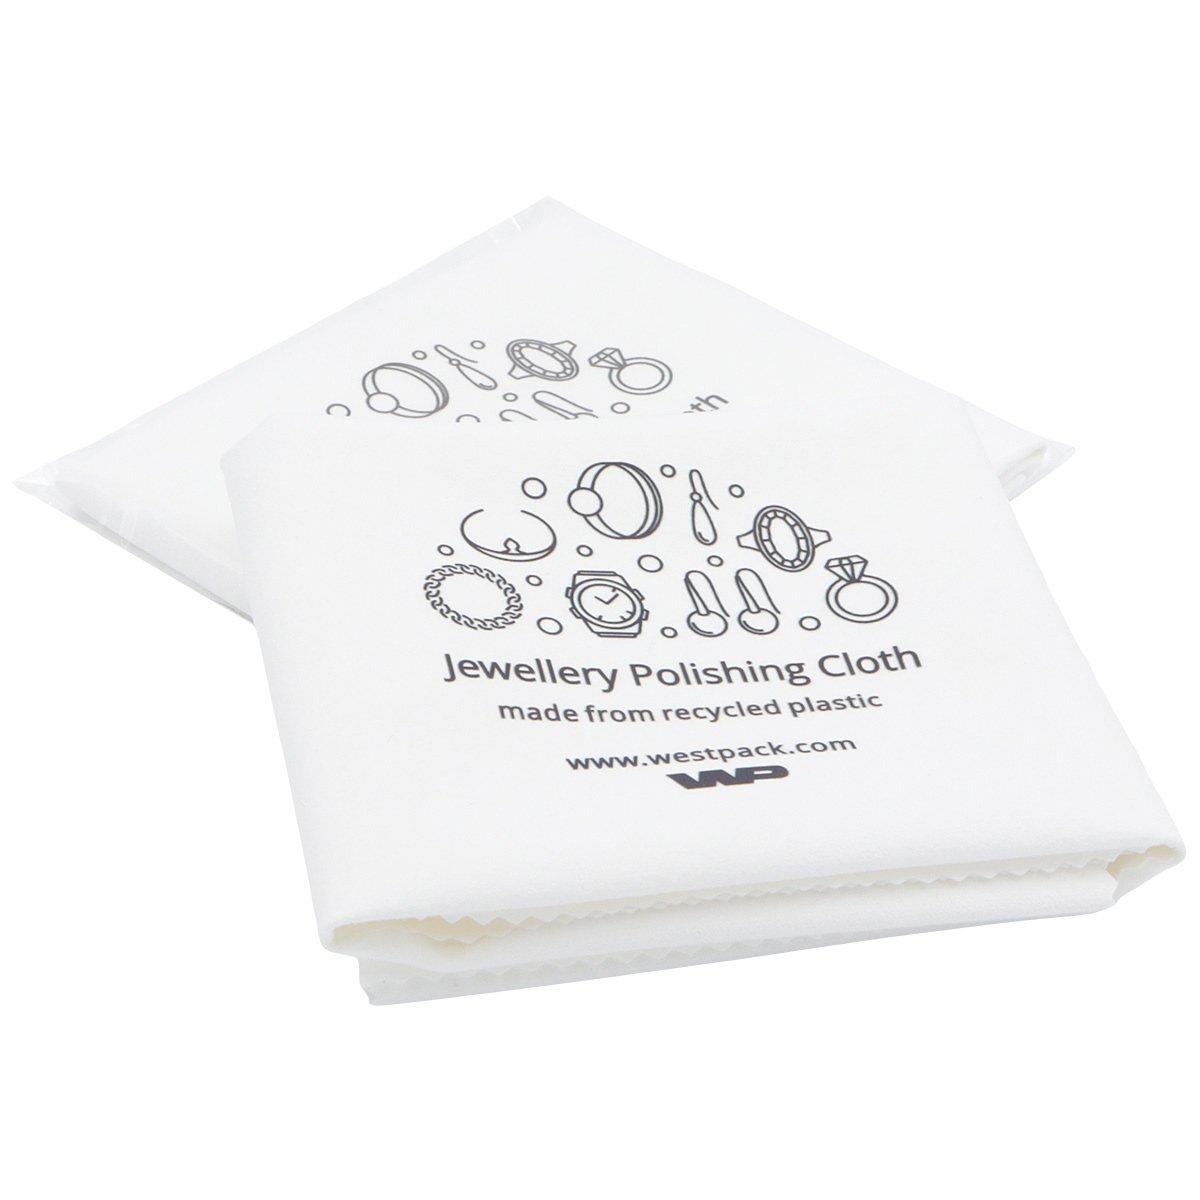 Poetsdoekje met enkel logo, chemisch behandeld Wit, geïmpregneerd 300 x 350